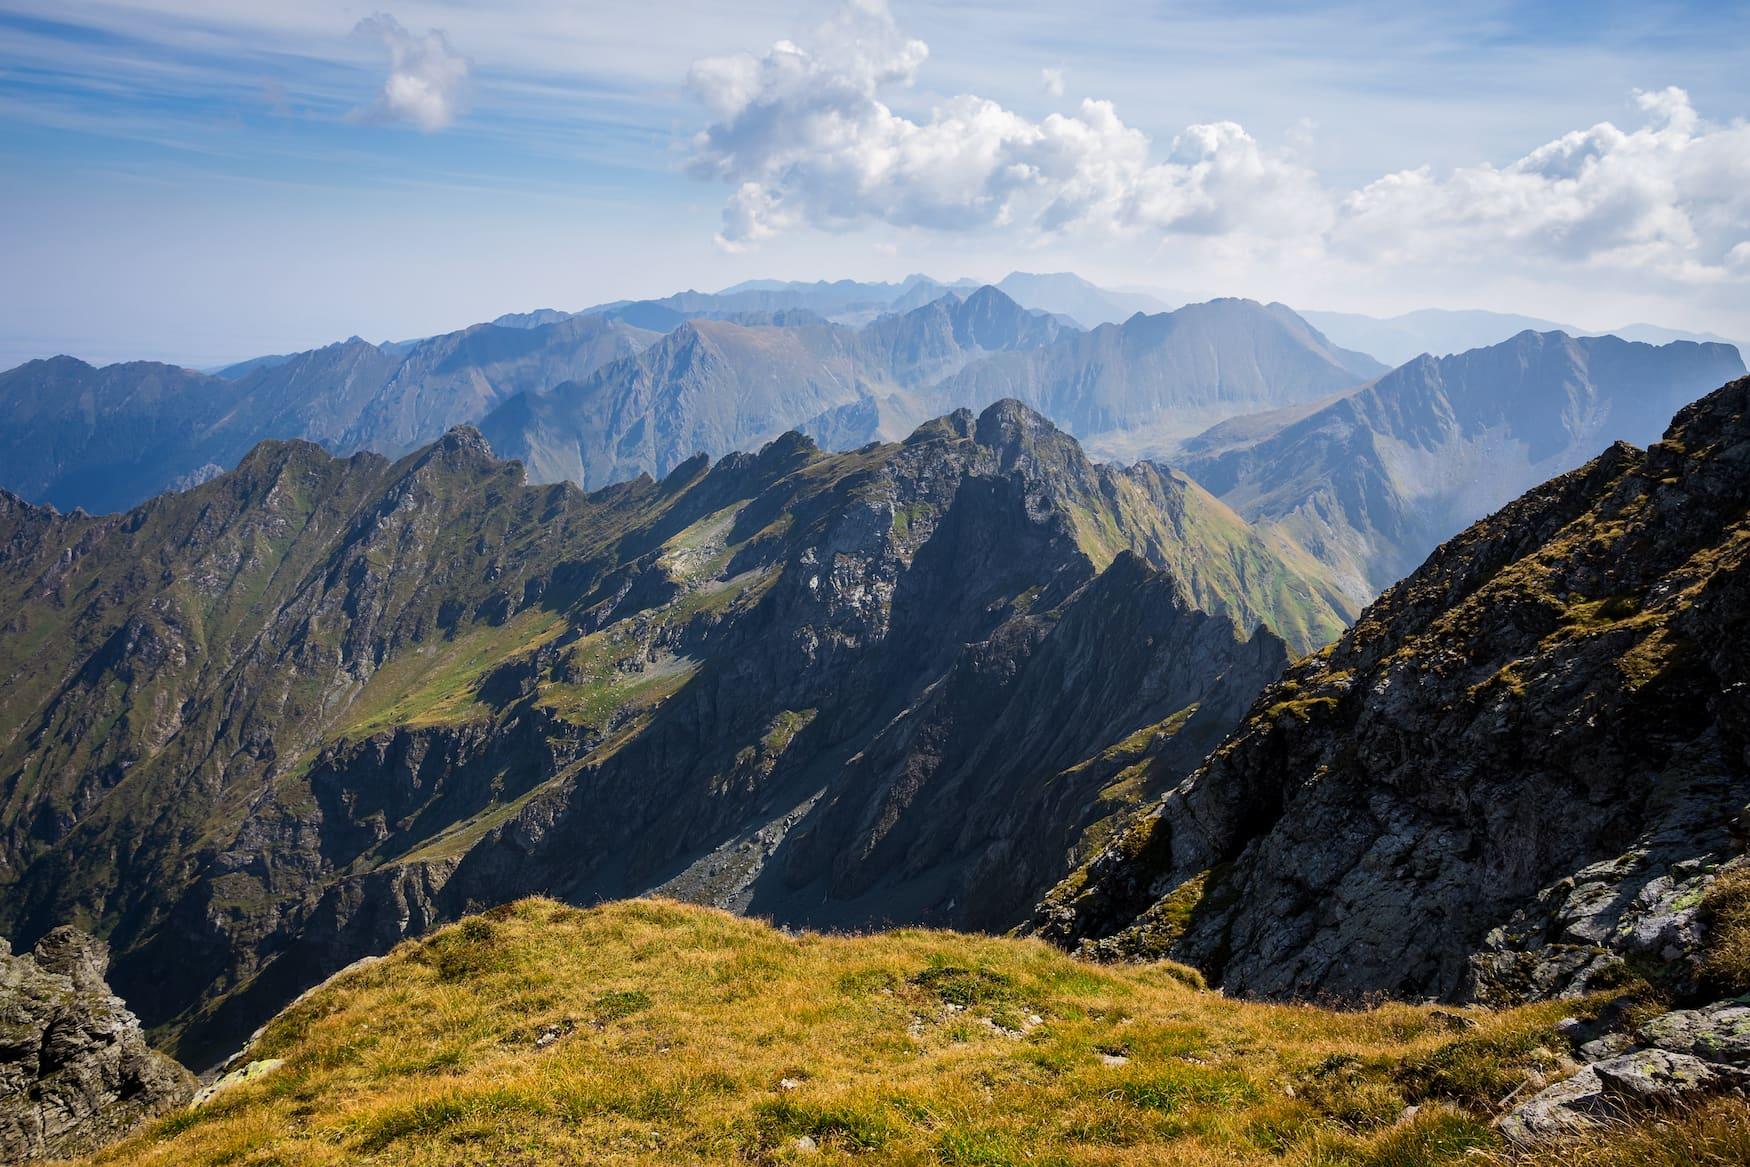 Während einer Reise nach Transsilvanien sollte man unbedingt in den Karpaten wandern gehen